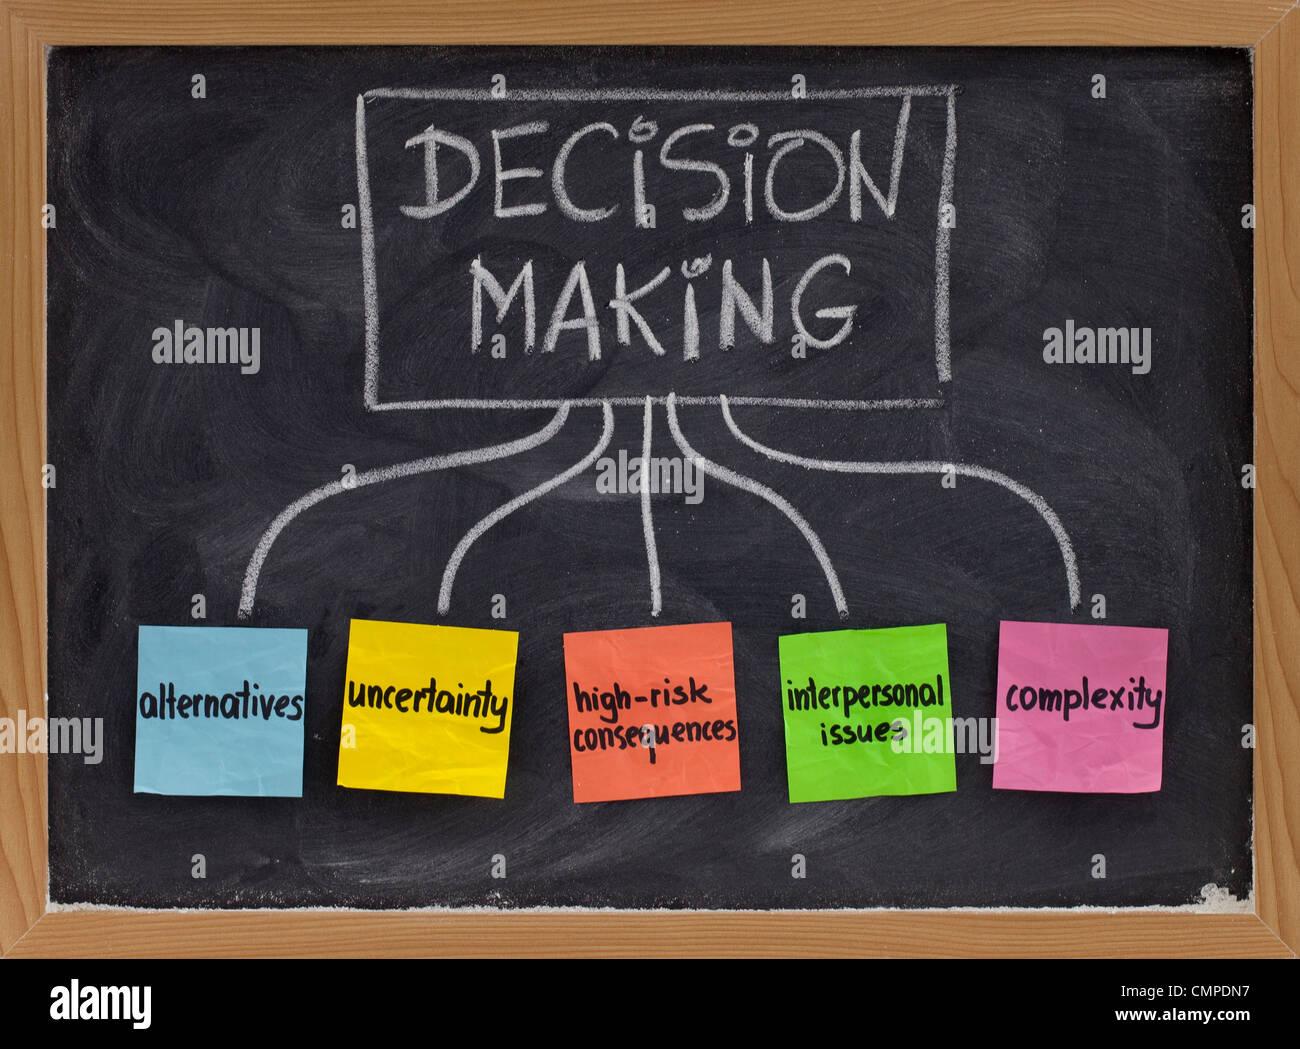 Temas relacionados con el proceso de toma de decisiones - la incertidumbre, alternativas y consecuencias del riesgo, Imagen De Stock